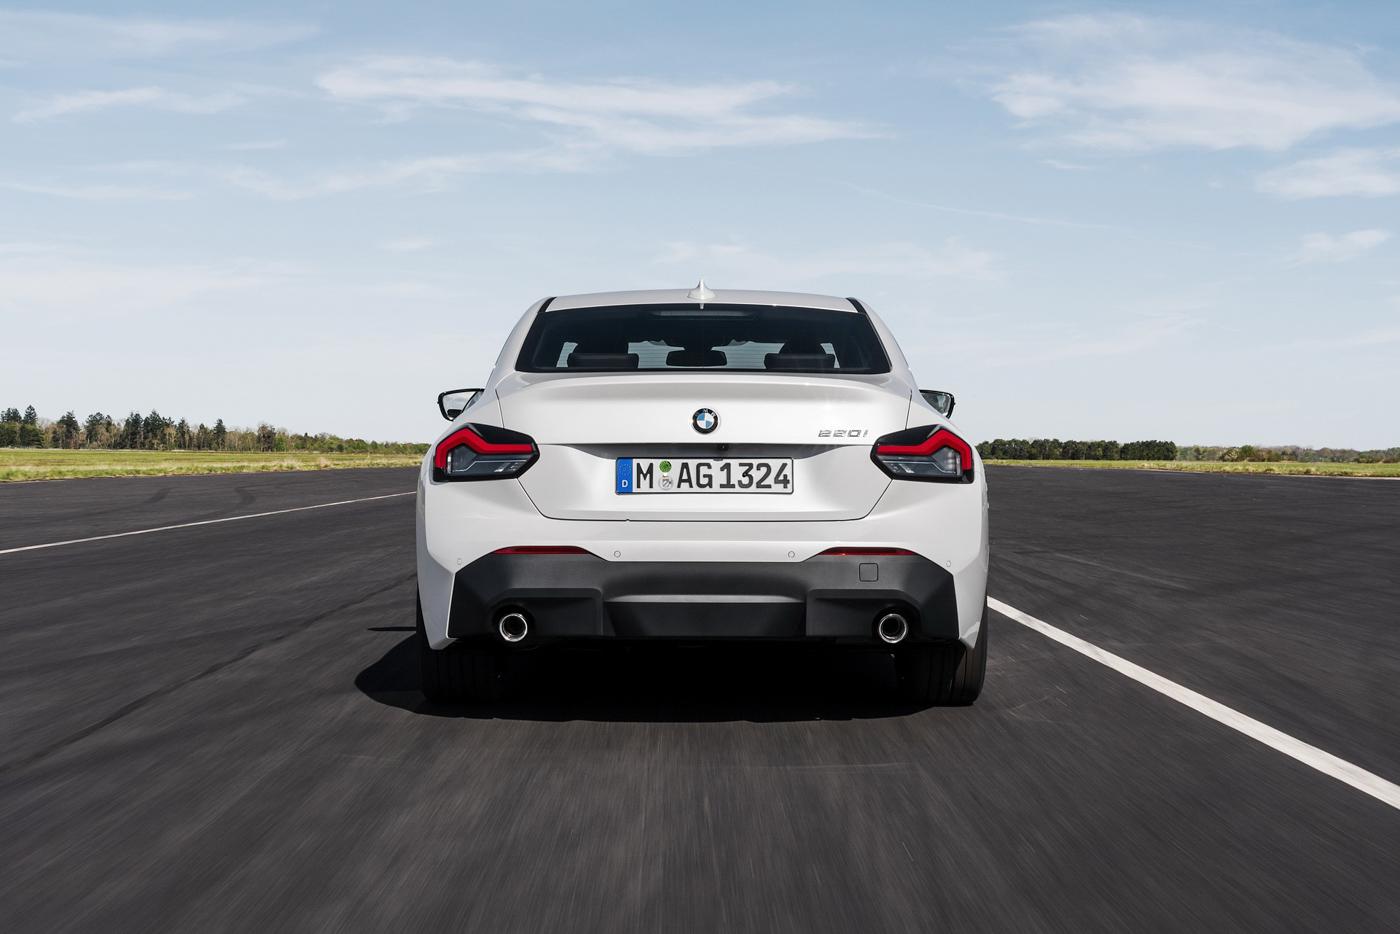 BMW-2-series-2022-ra-mắt-với-giá-bán-từ-36350-usd-36.jpg